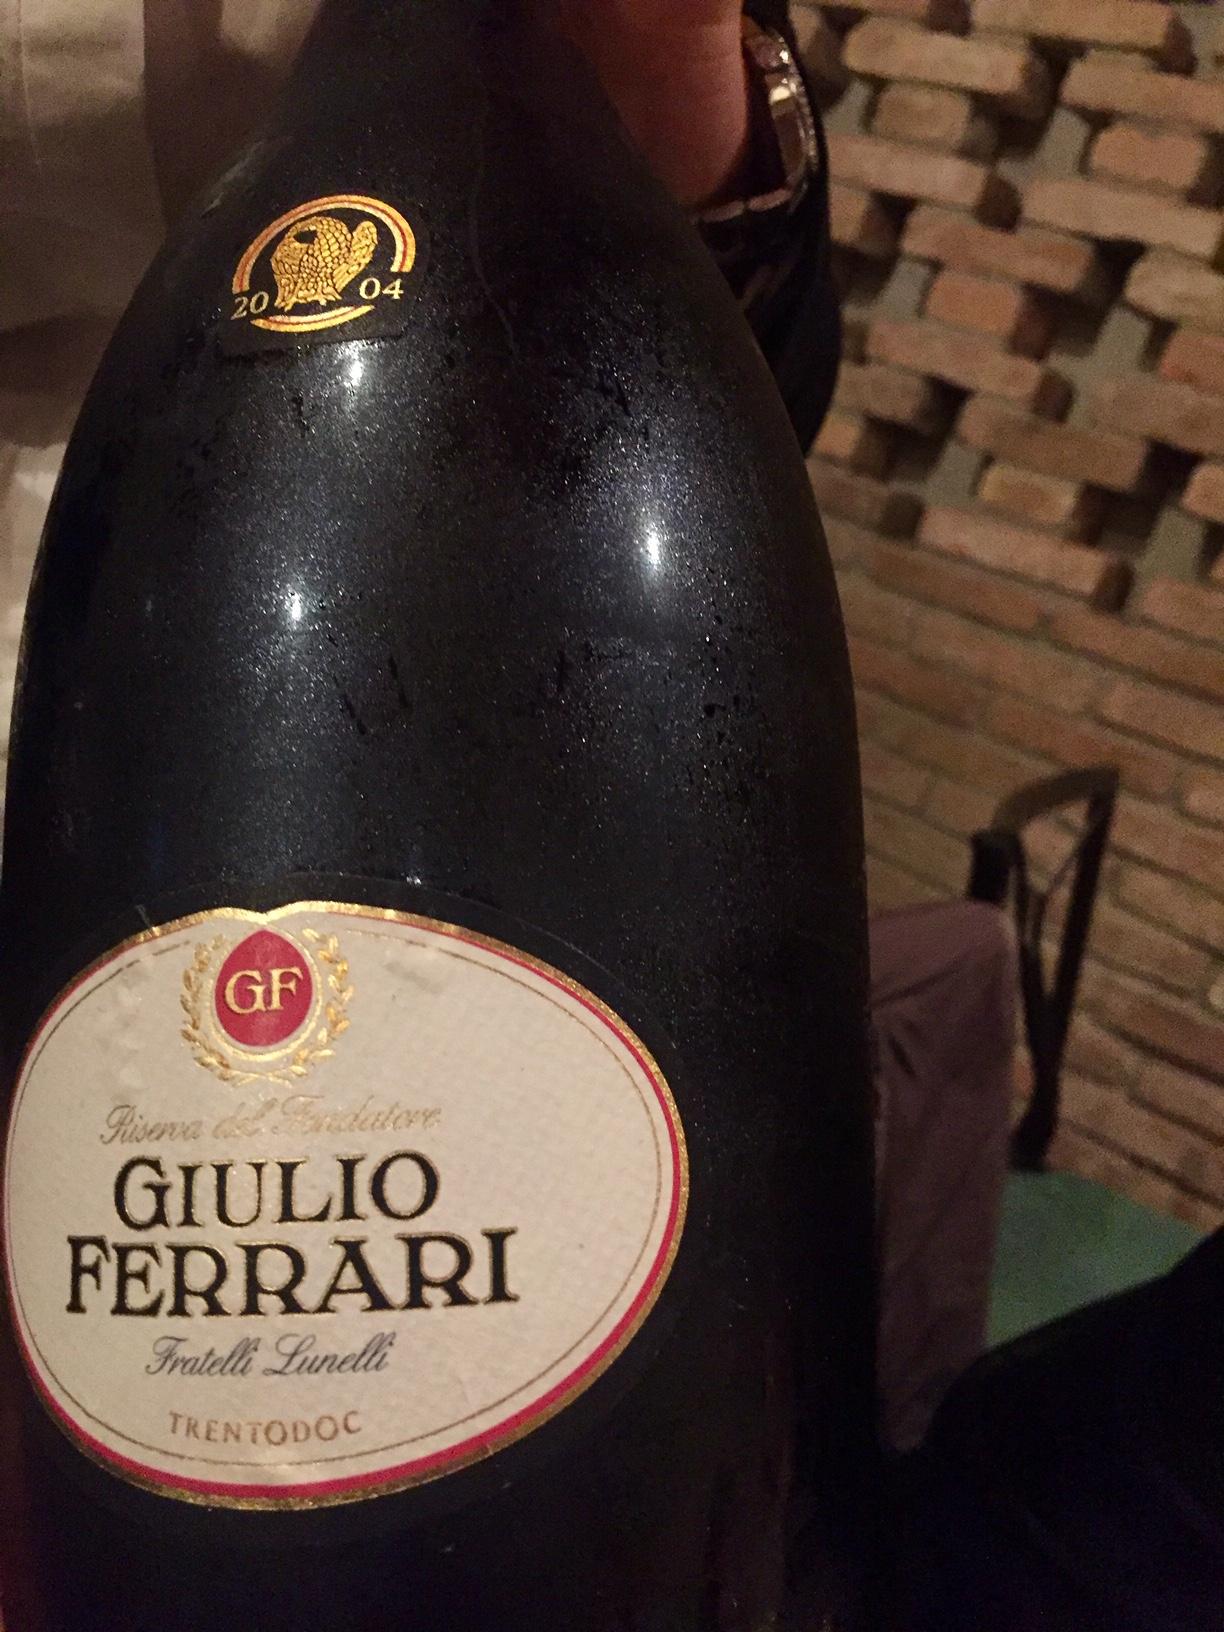 Giulio Ferrari Riserva del Fondatore 2004, ricordo della mia cena con Ruben Larentis